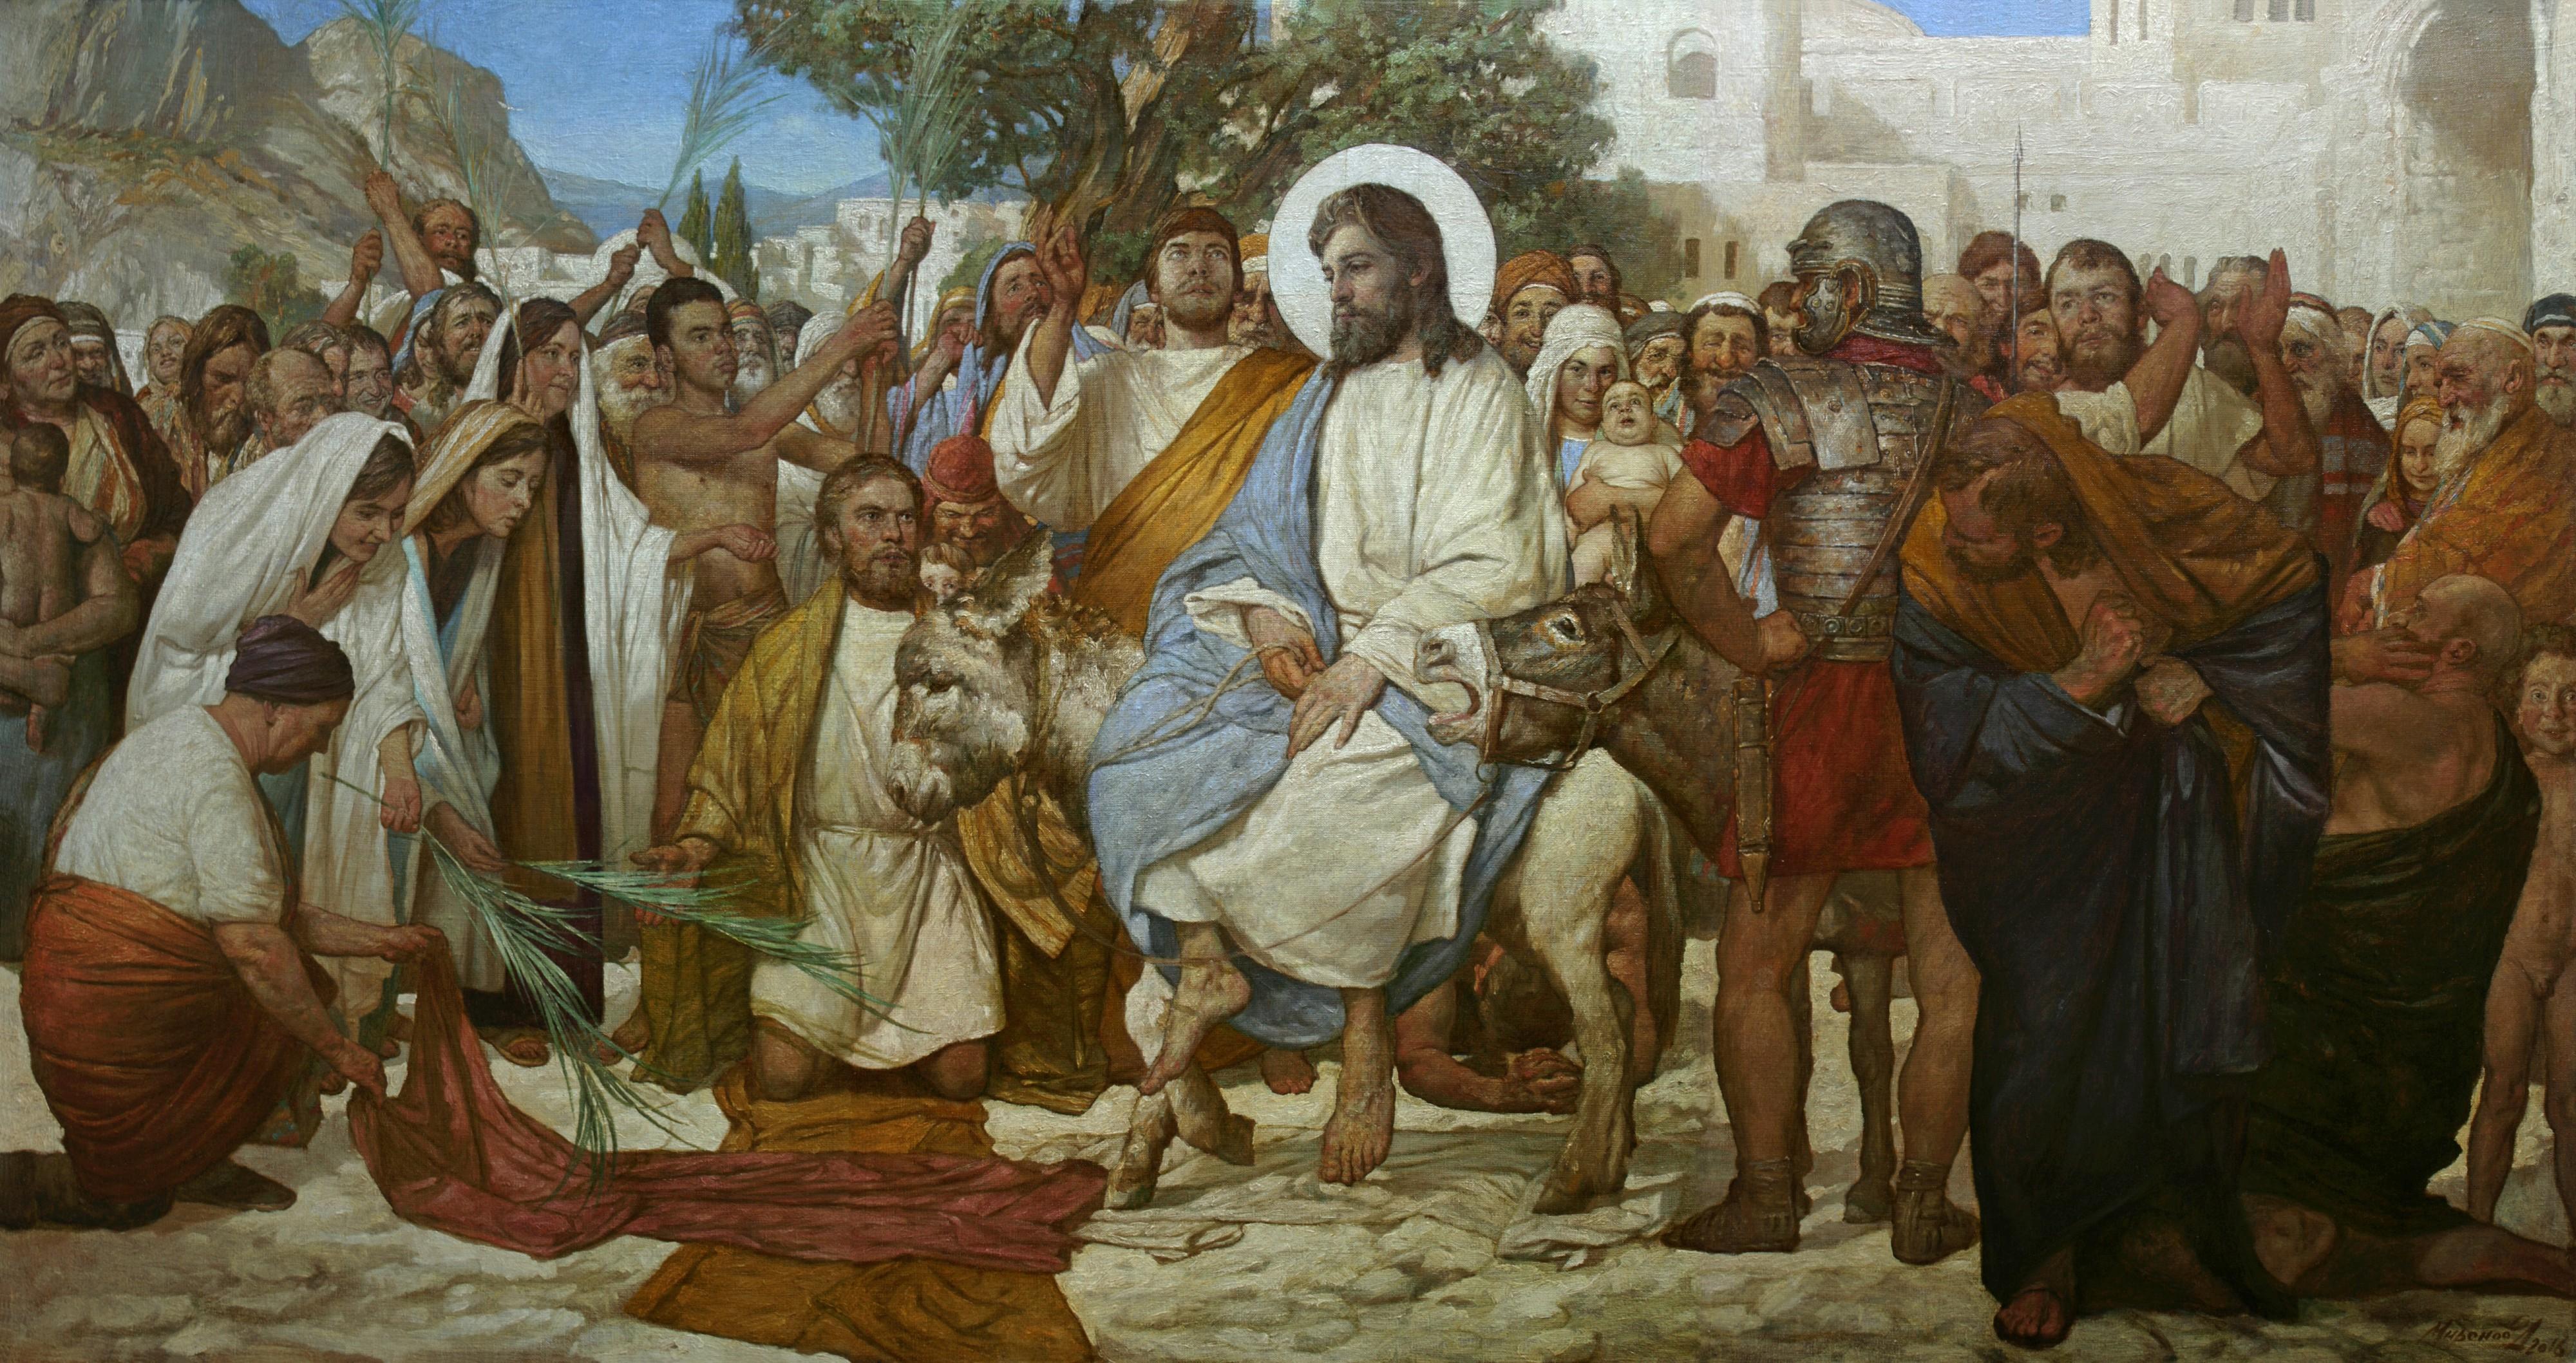 чая вход господень в иерусалим фото достижения идеальной